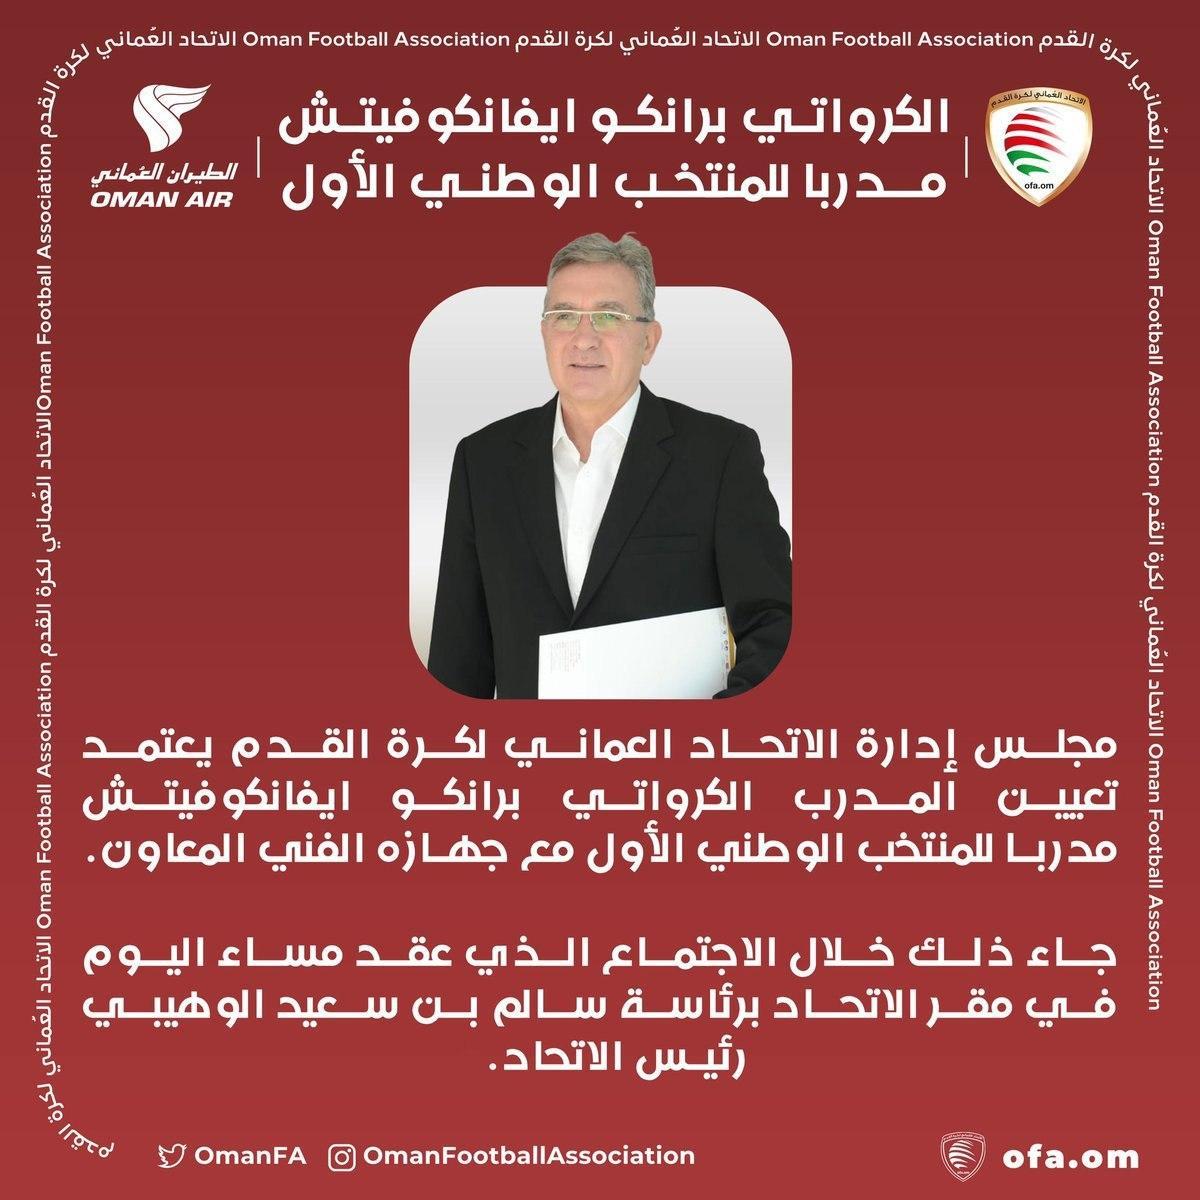 برانکو رسما سرمربی تیم ملی فوتبال عمان شد